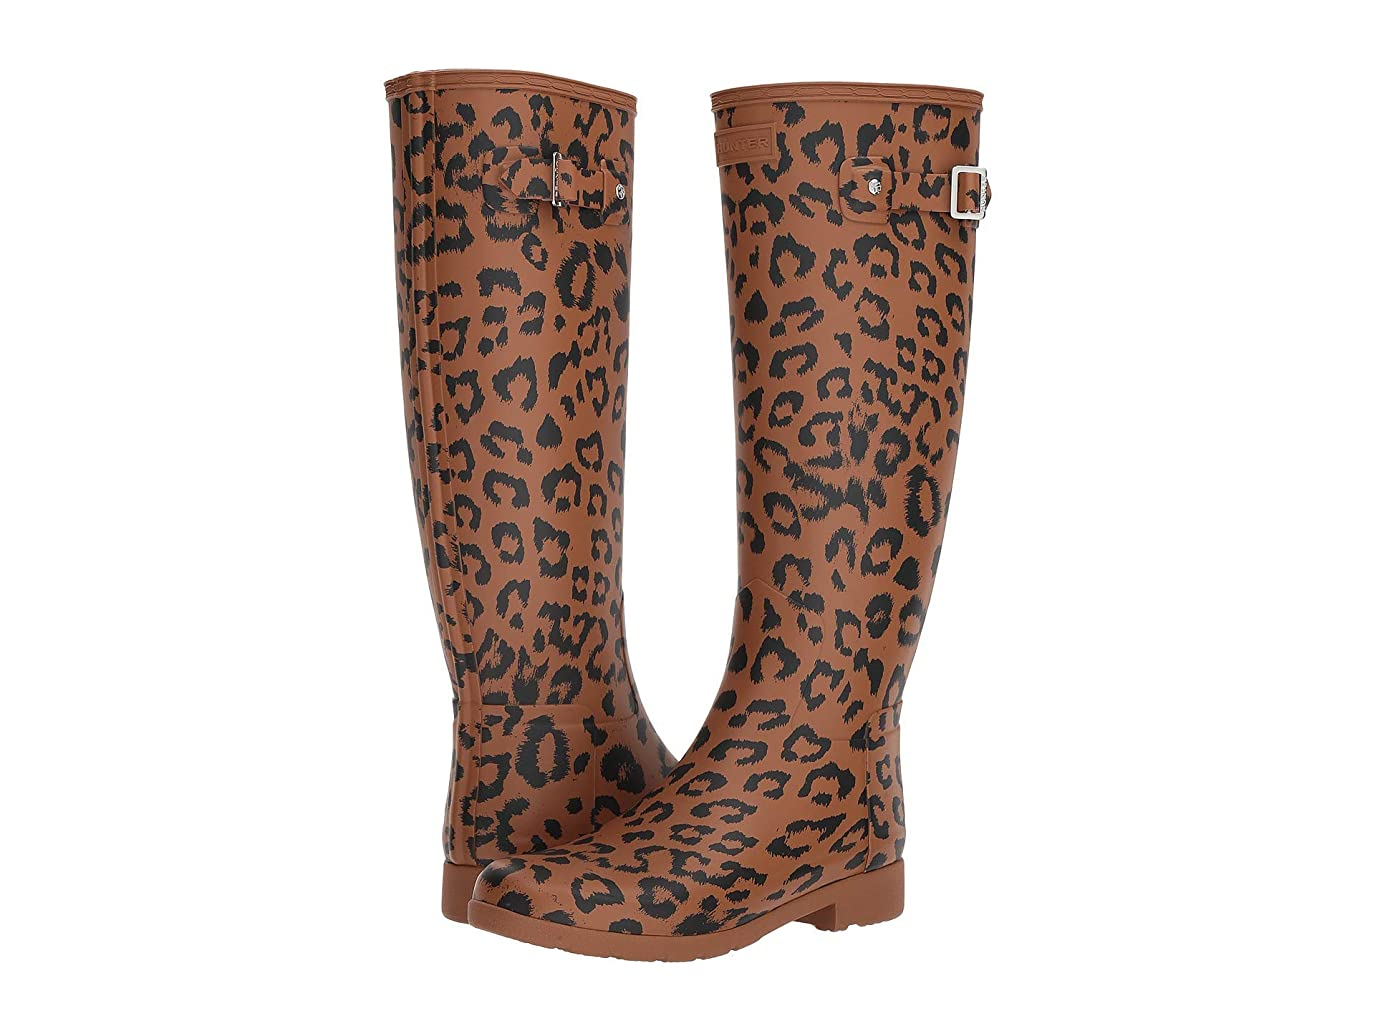 話す調子ポイント[ハンター] レディース ブーツ&レインブーツ Original Refined Hybrid Print Rain Boots [並行輸入品]